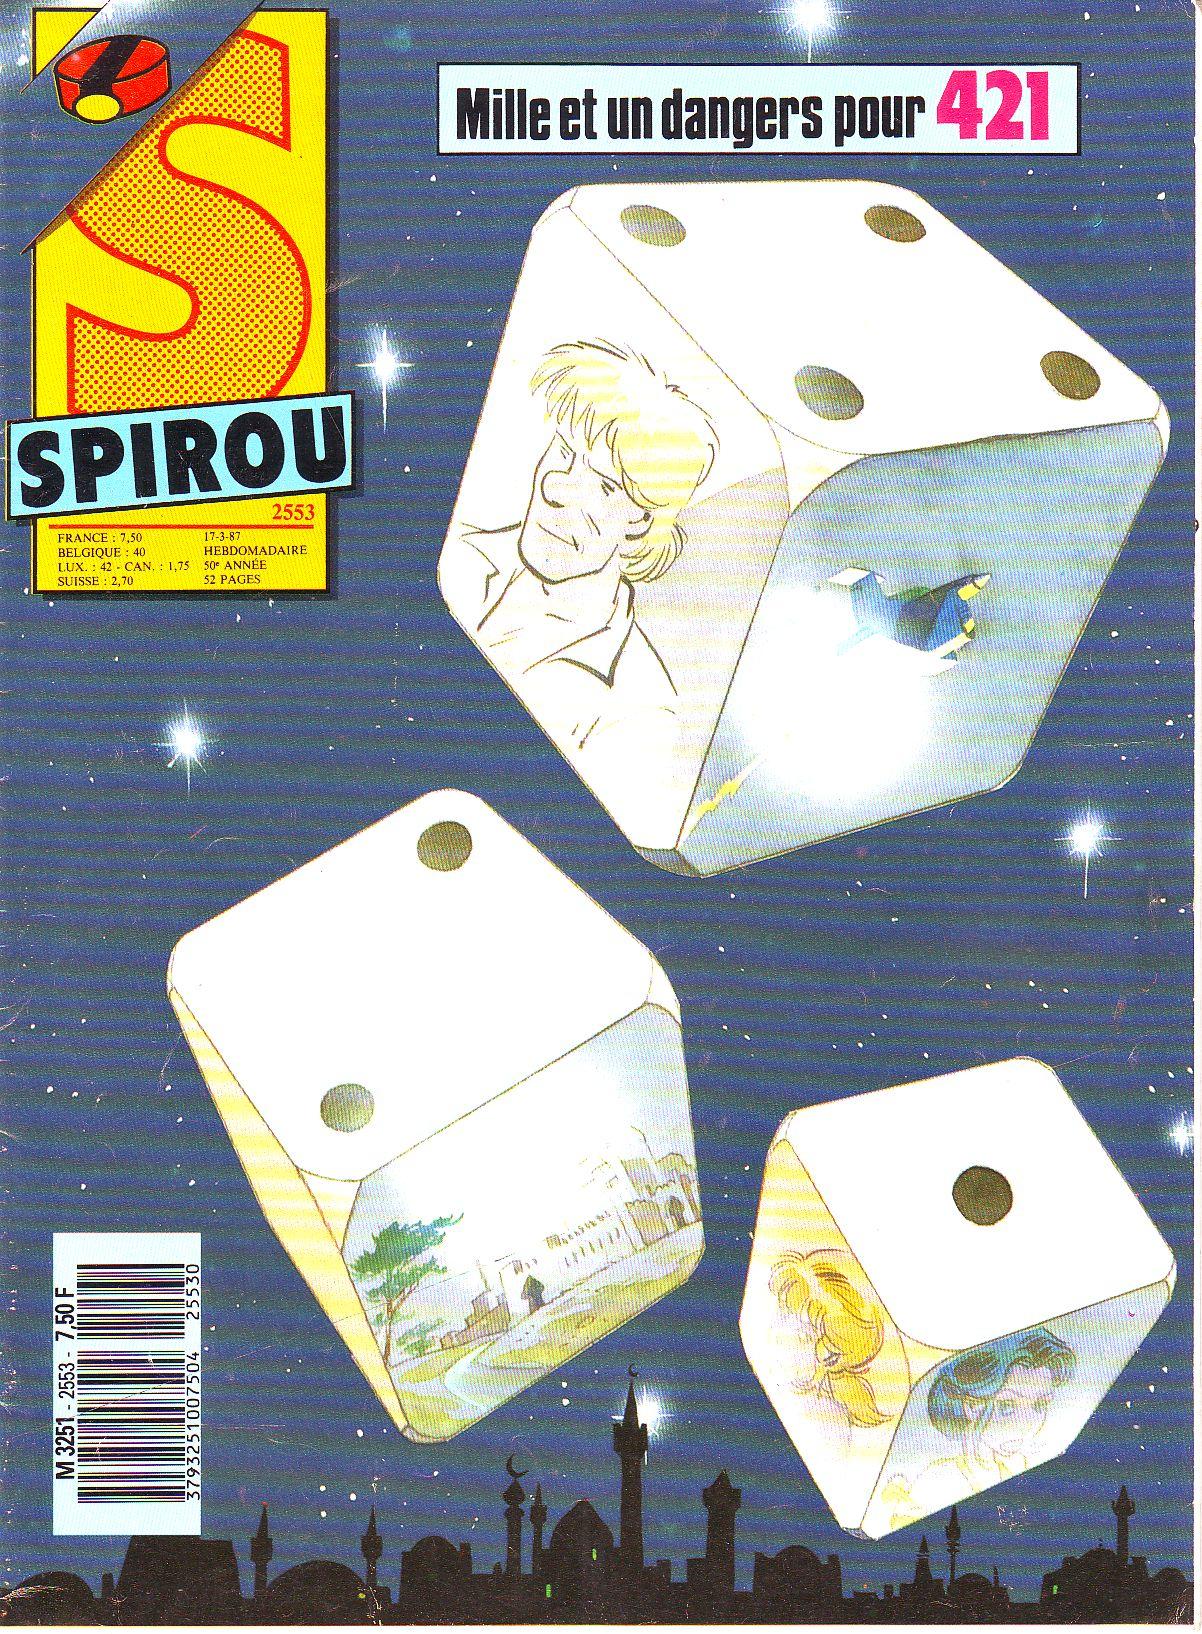 Le journal de Spirou 2553